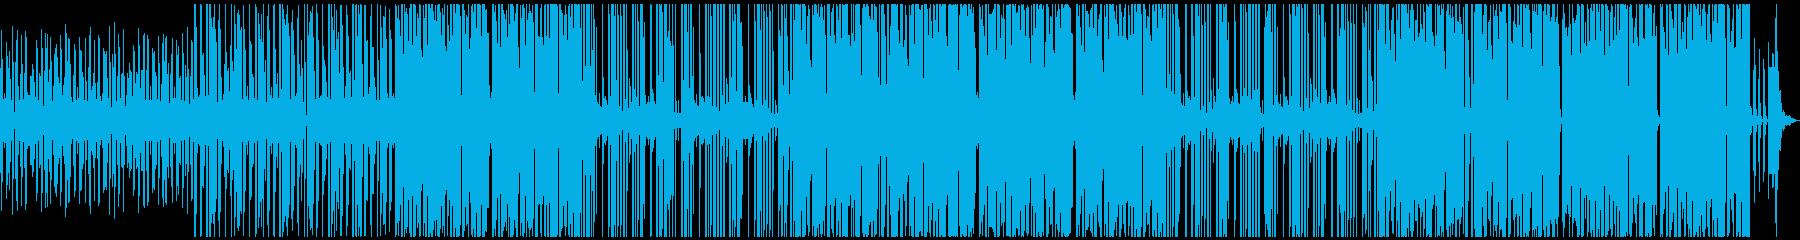 ブラスが入ったチル系シティポップの再生済みの波形